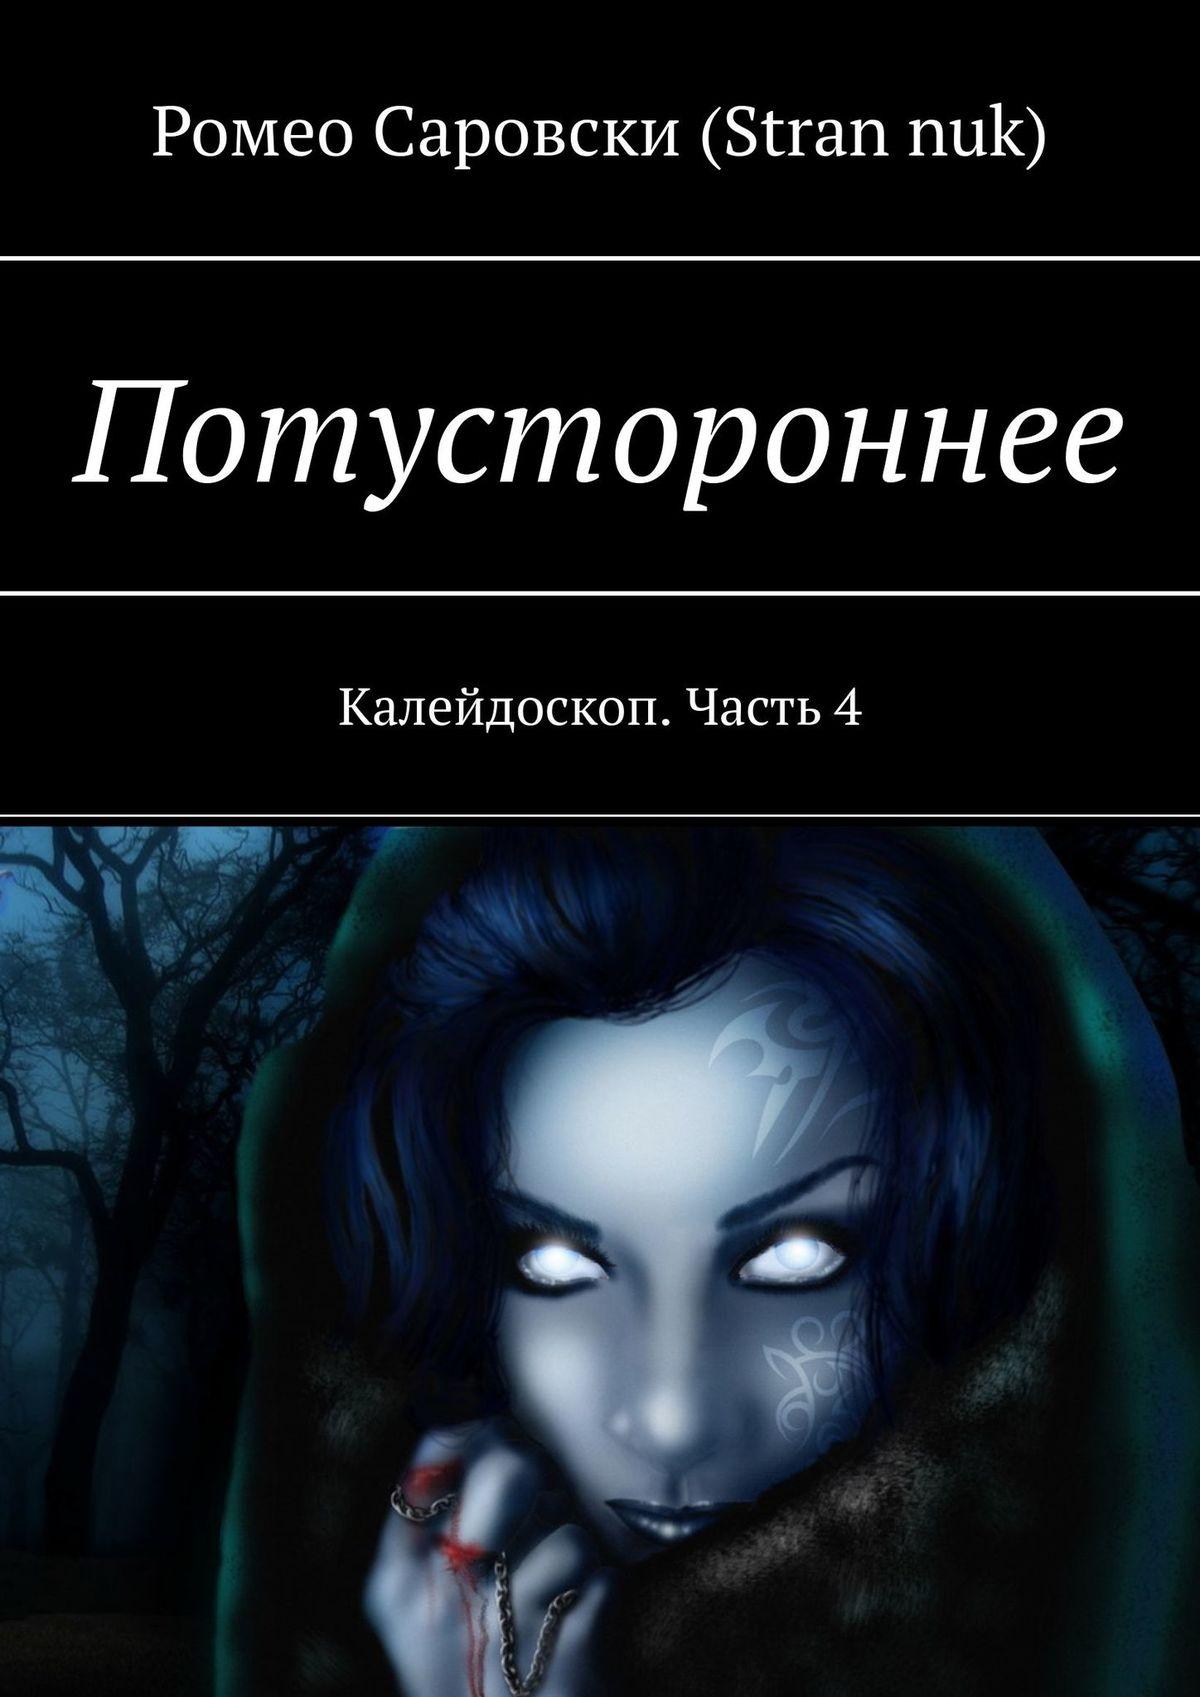 Роман Чукмасов (Strannuk) Потустороннее. Калейдоскоп. Часть 4